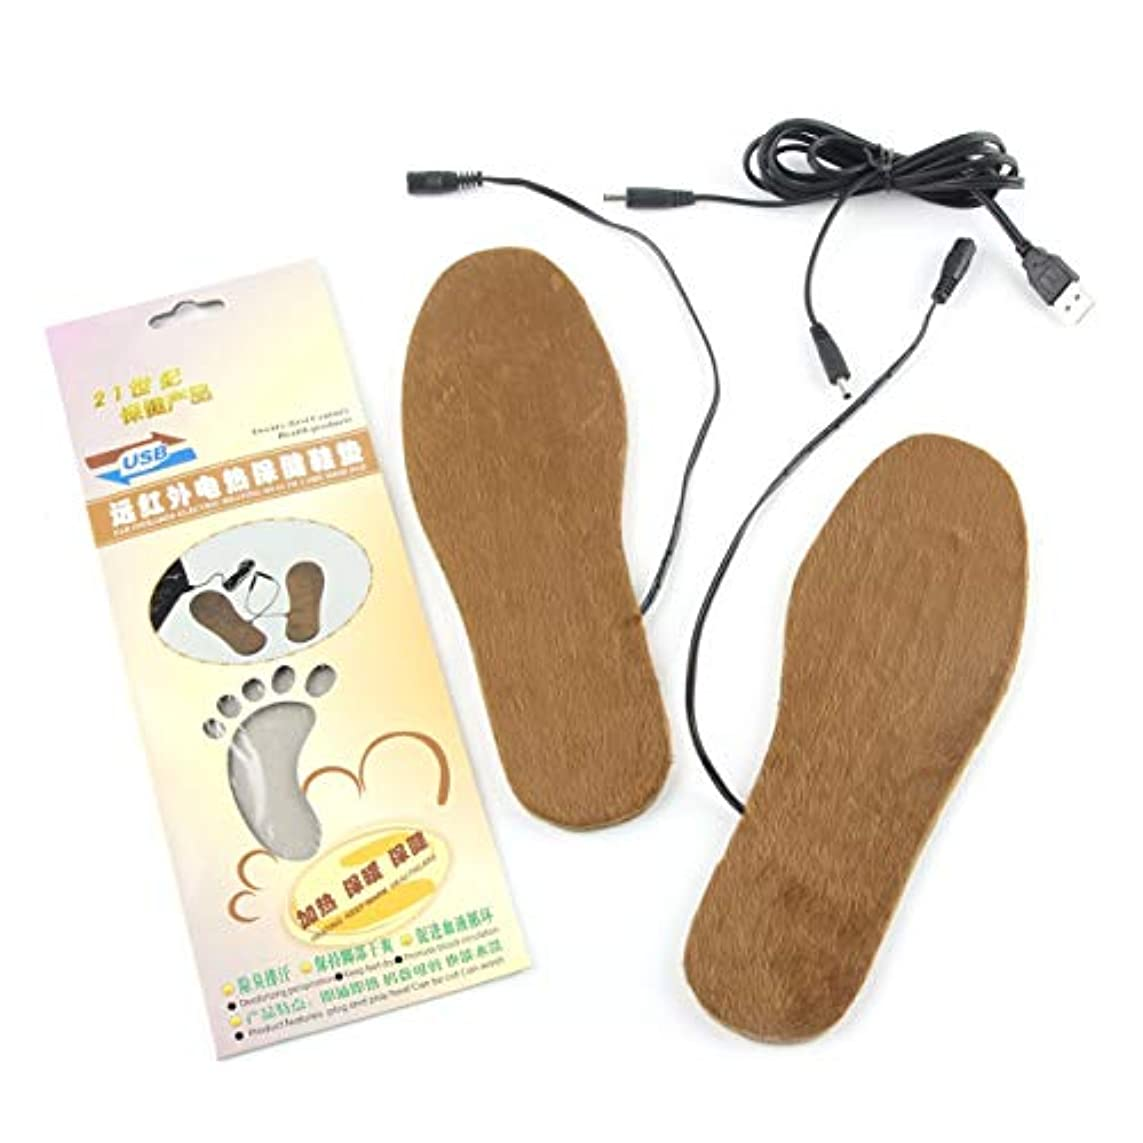 適度に寝てる付き添い人Saikogoods 1ペア切断可能冬のブーツインソールUSB温水フットウォーマーソフトシューズパッドクッション快適な靴のアクセサリー 淡い茶色 男性用